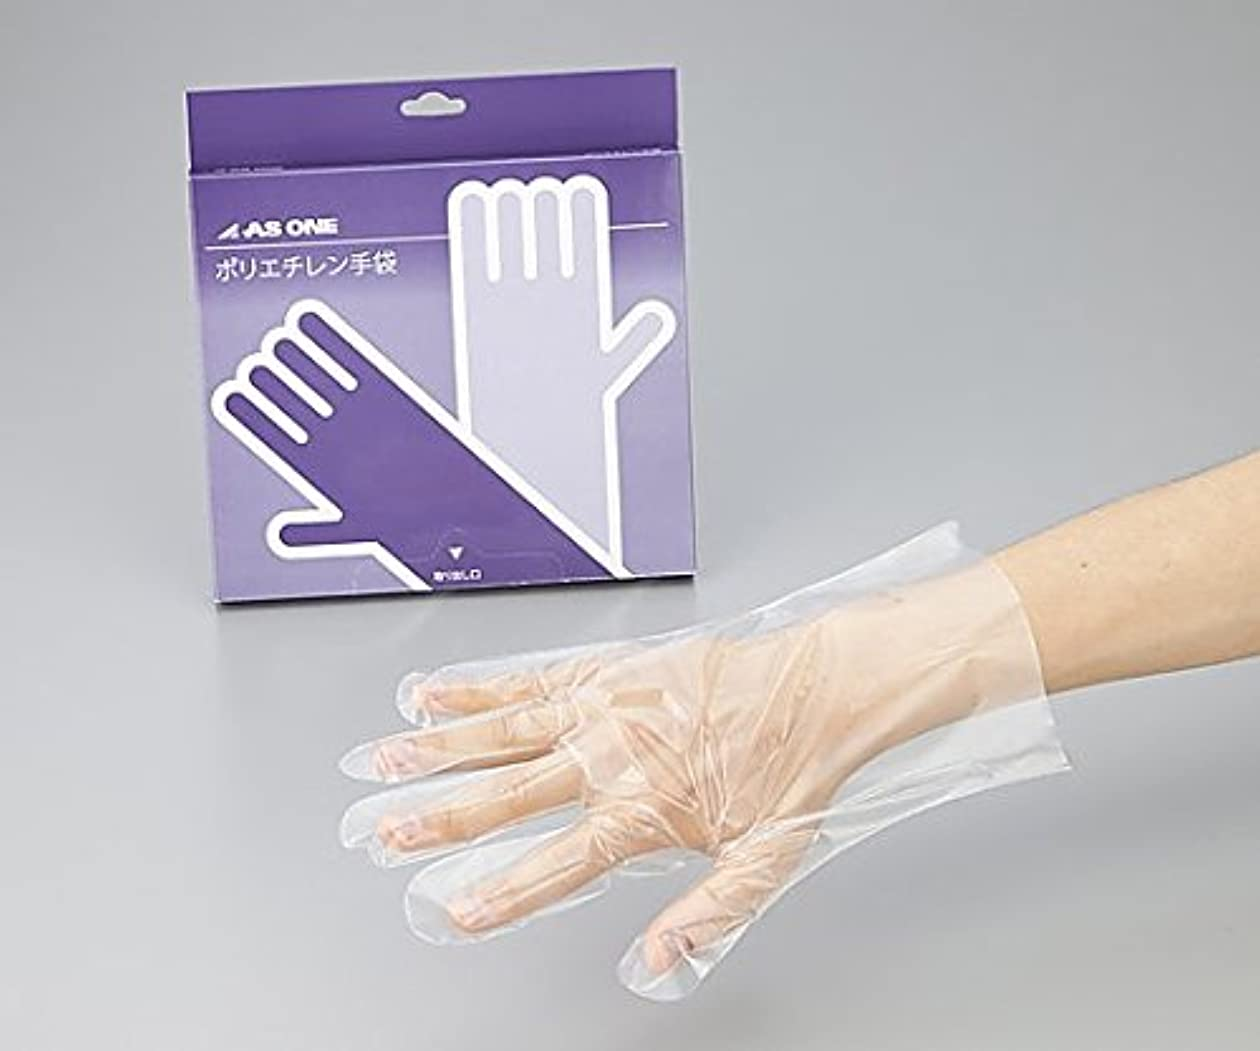 カニ会う間違いなくアズワン2-4975-01ポリエチレン手袋エコノミー薄手外エンボス付L100枚入